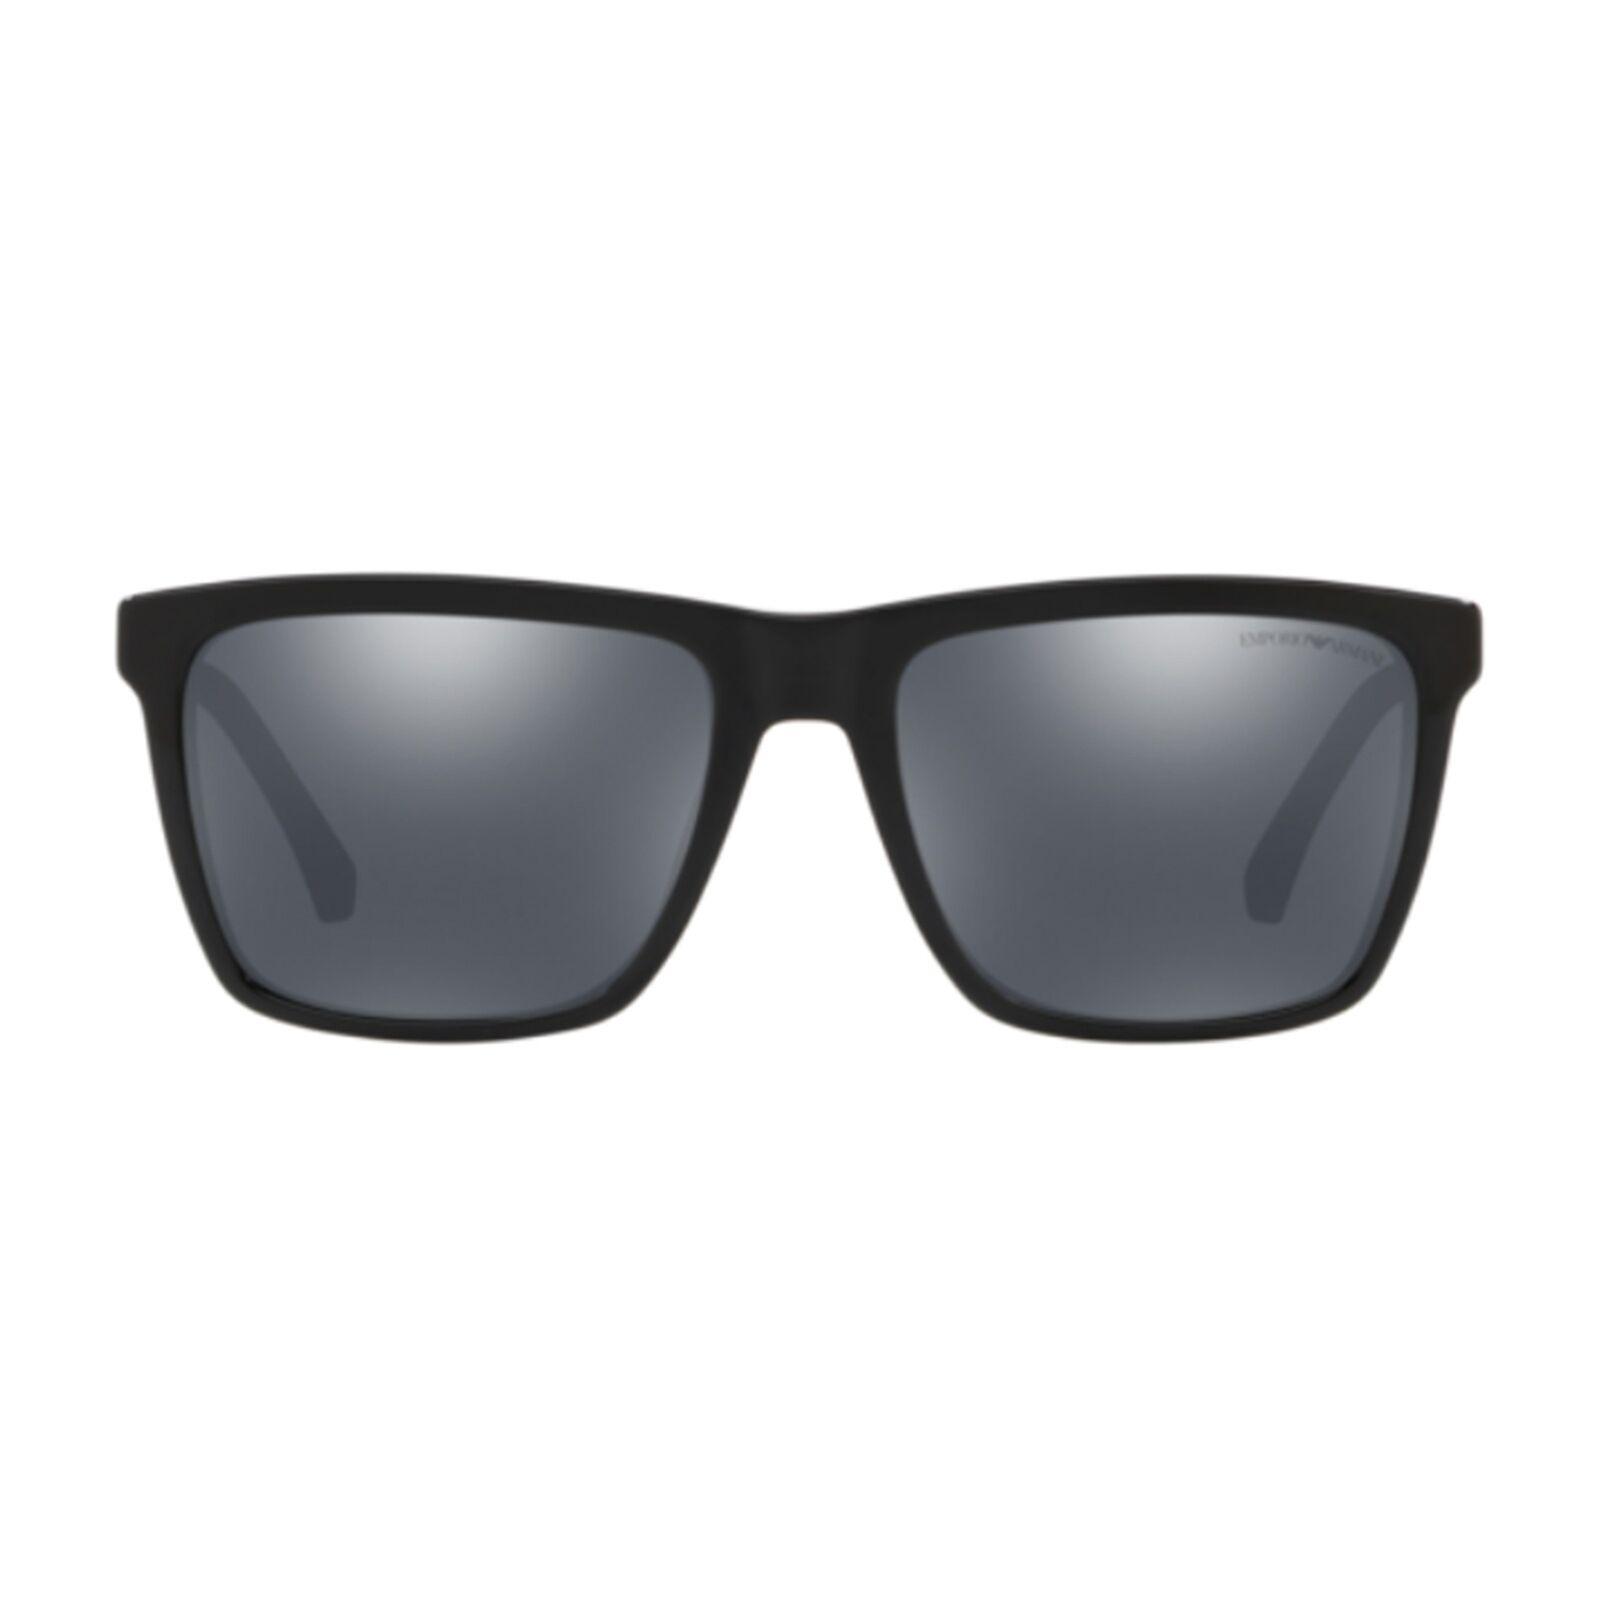 Emporio Armani EA 4117 Col.50176g Cal.57 Occhiali da Sole sunglasses